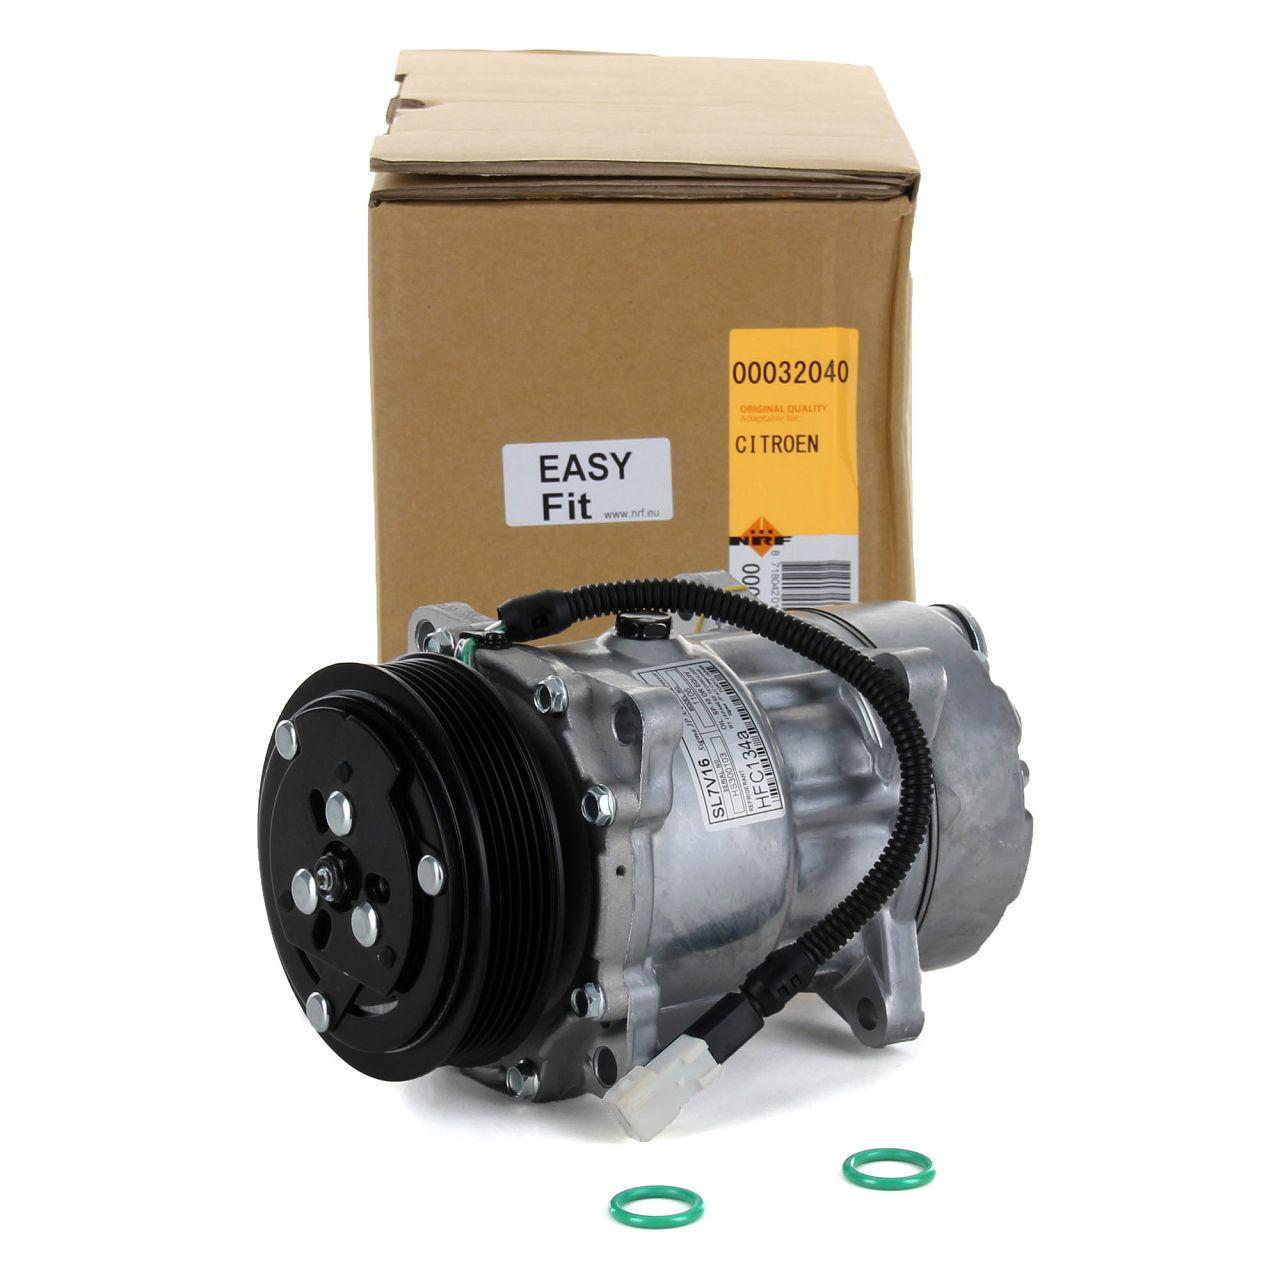 NRF 32040 Kompressor Klimaanlage EASY FIT für CITROEN FIAT LANCIA PEUGEOT